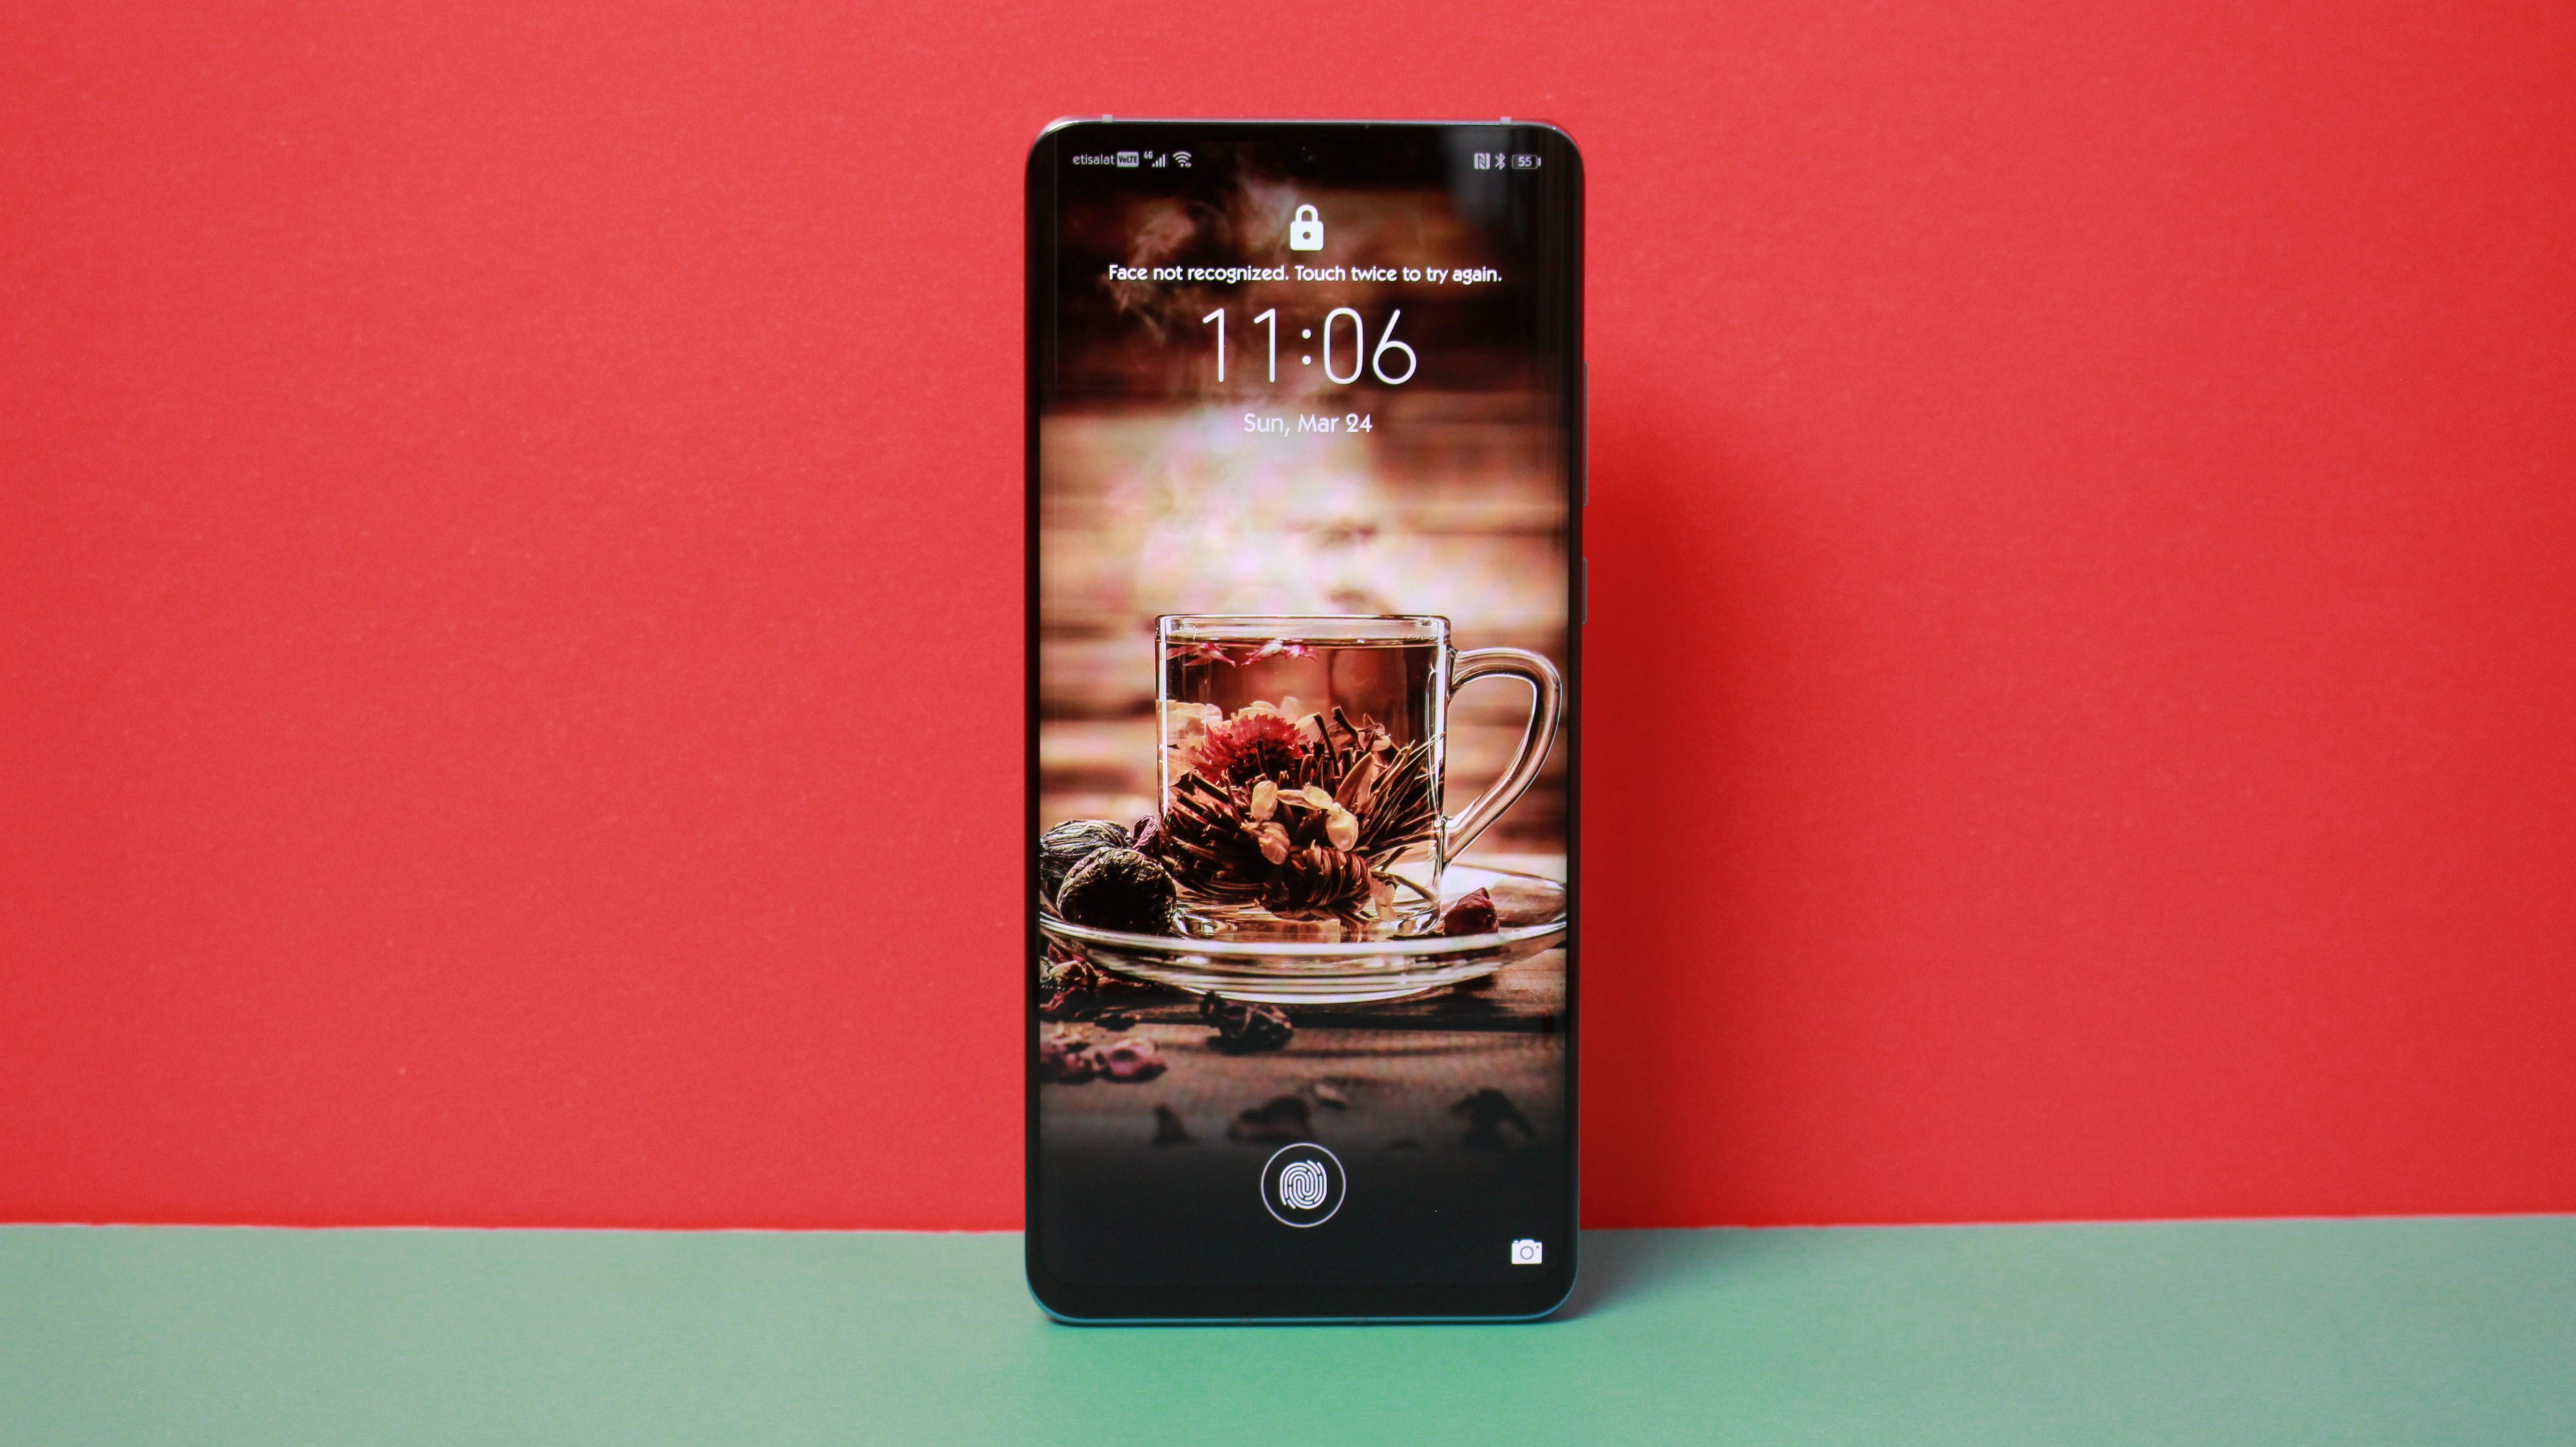 ▷ Restricciones de Android de Huawei en Google: ¿qué significa para ti? [Updated] 1